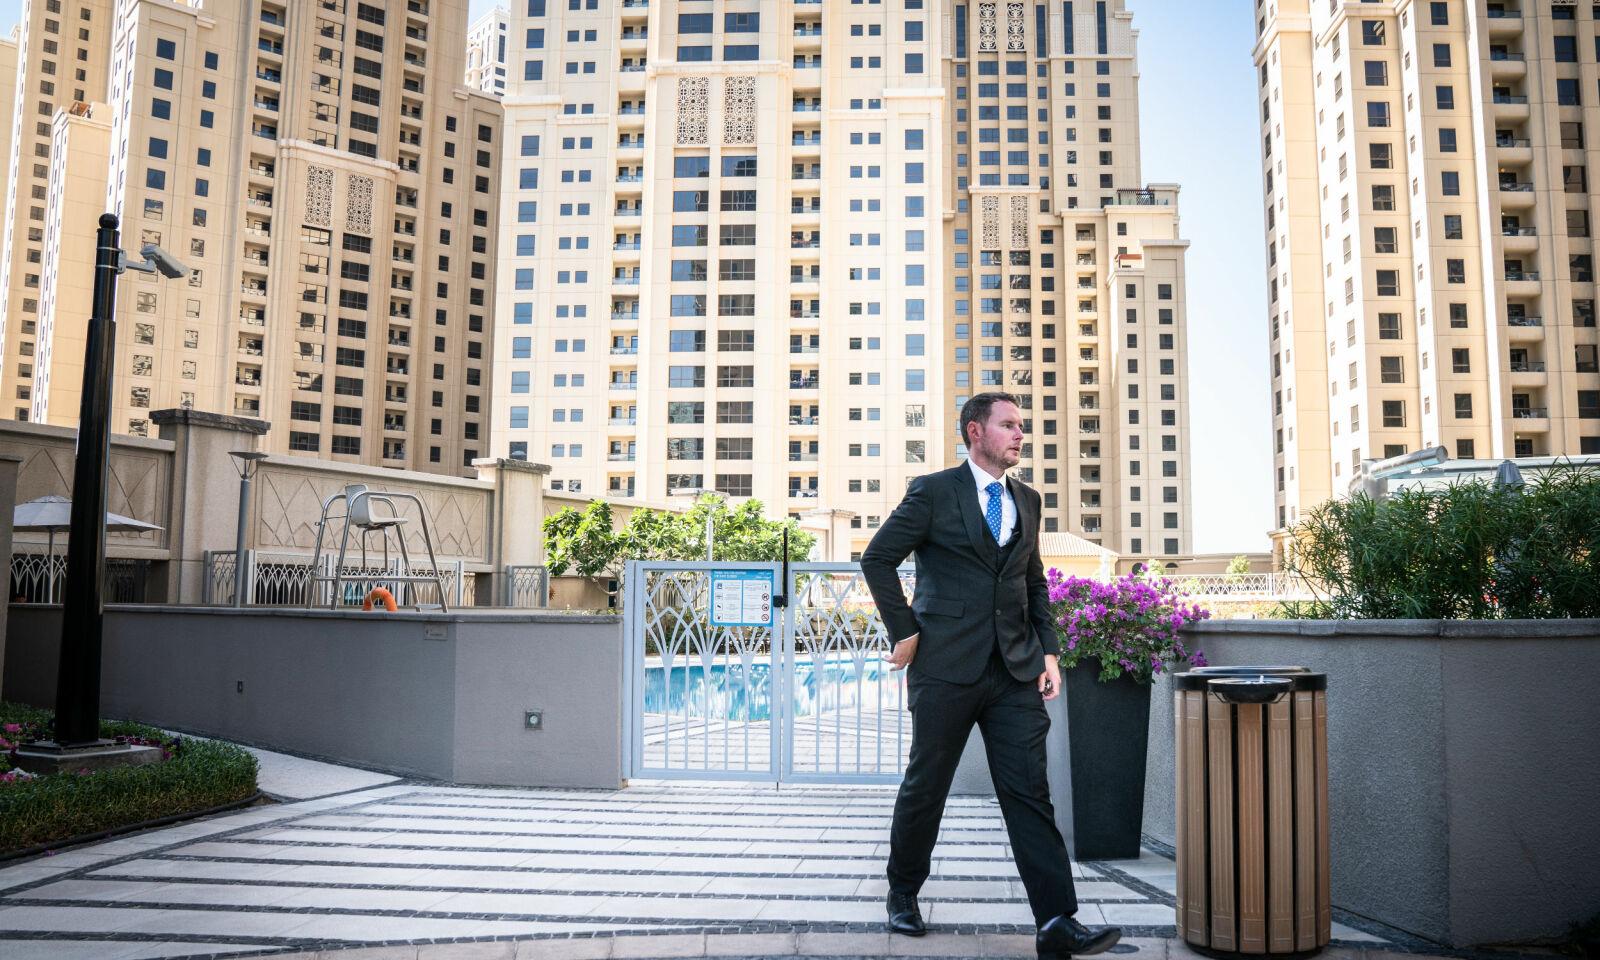 HASTER VIDERE: Eiendomsmekler Daniel Heywood tok med Dagbladet på luksus-visninger i Dubai Marina. Her haster han videre, forbi svømmebassenget ved Shemara Tower.